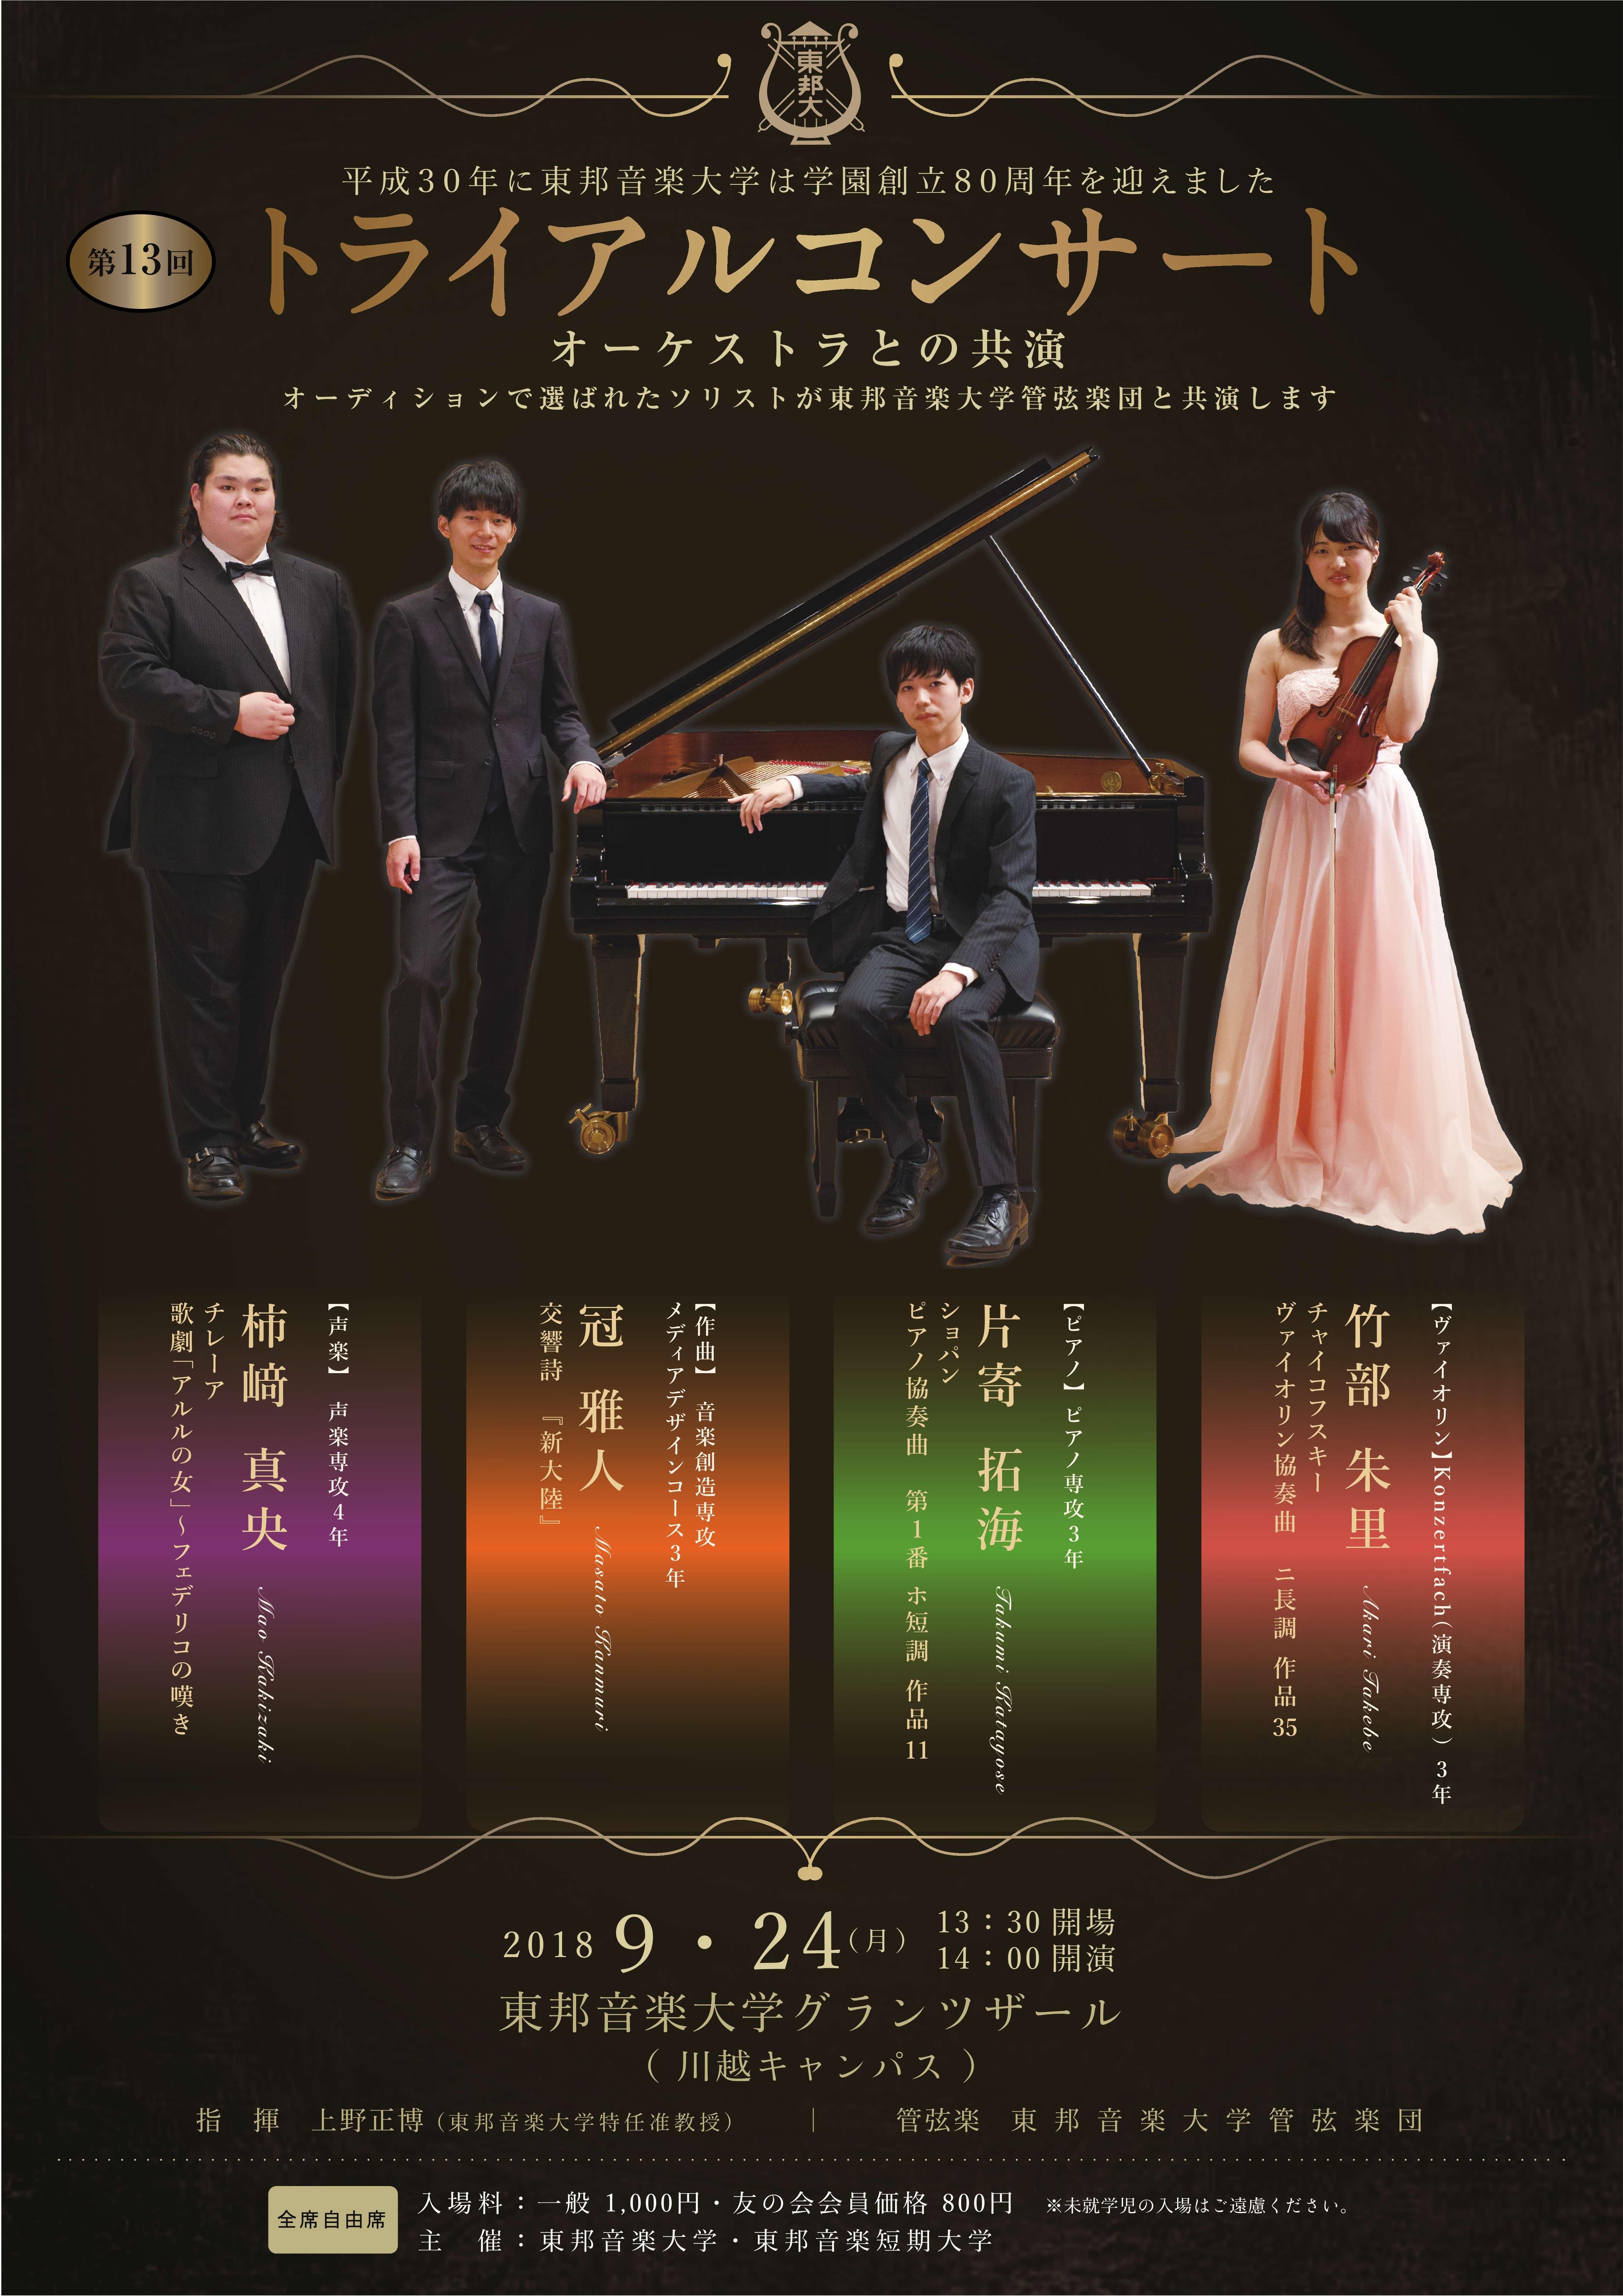 2018年9月24日(月・祝) 第13回トライアルコンサート~オーケストラとの共演~